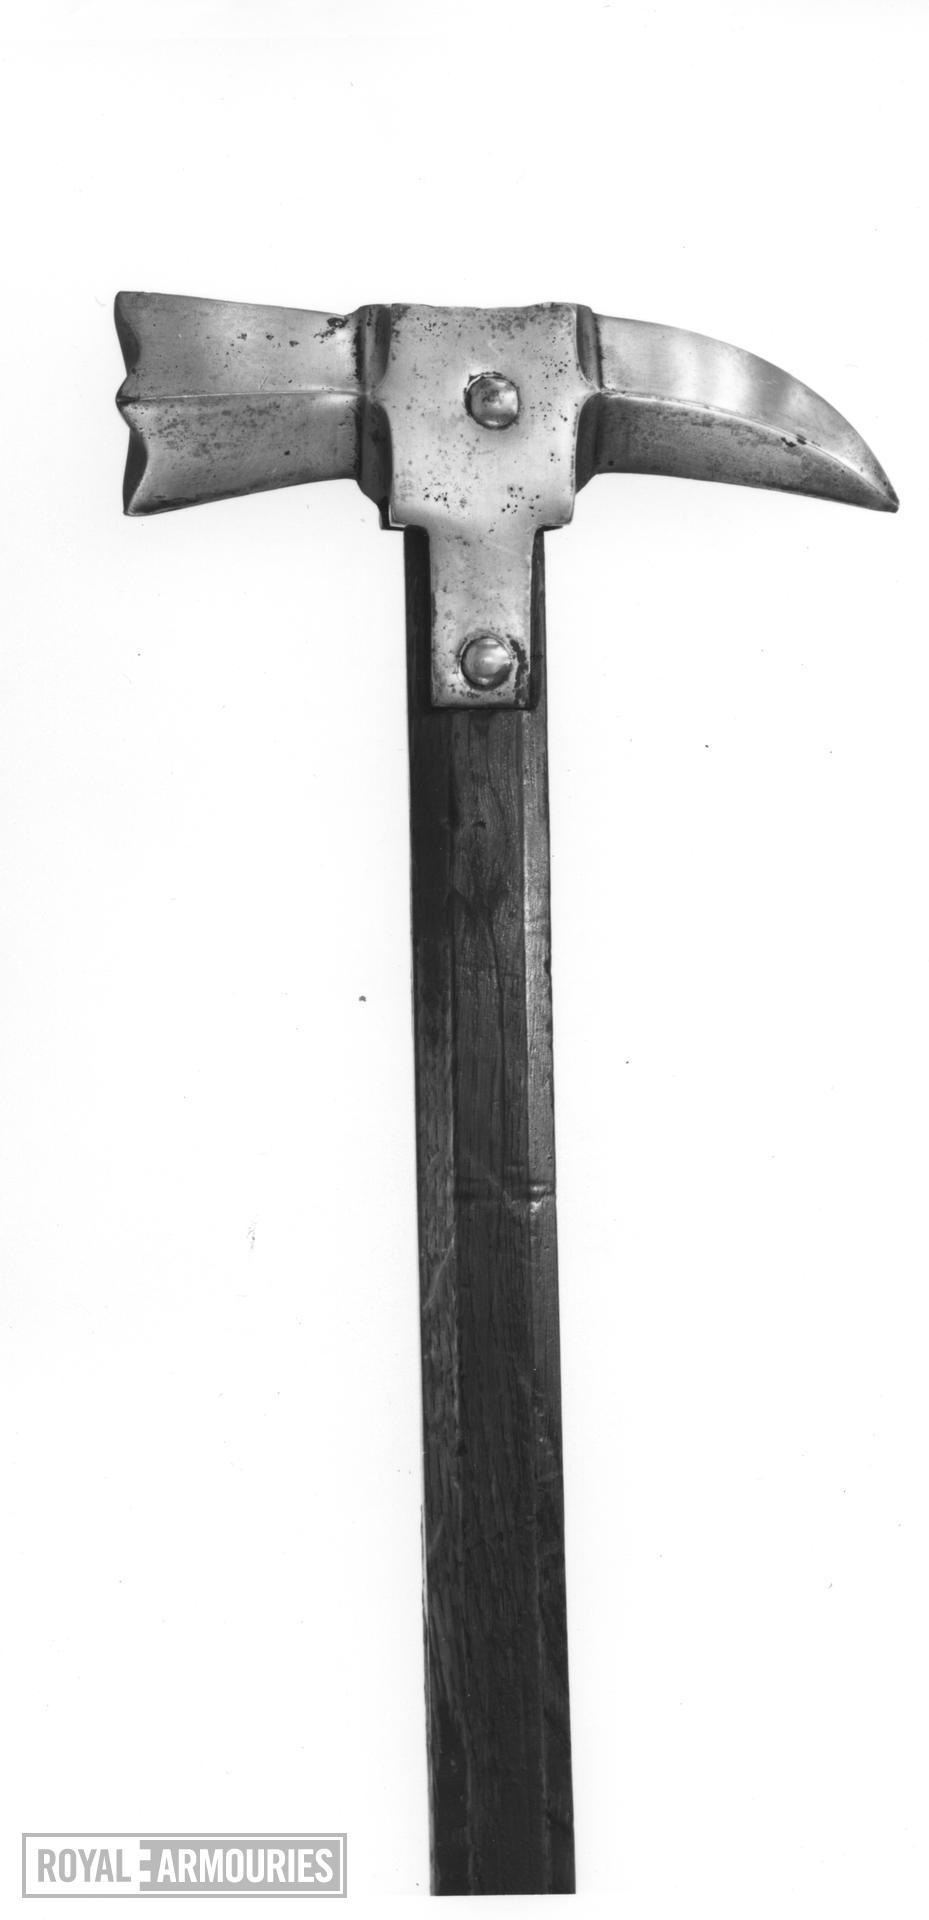 Pollaxe - Hundred Years' War